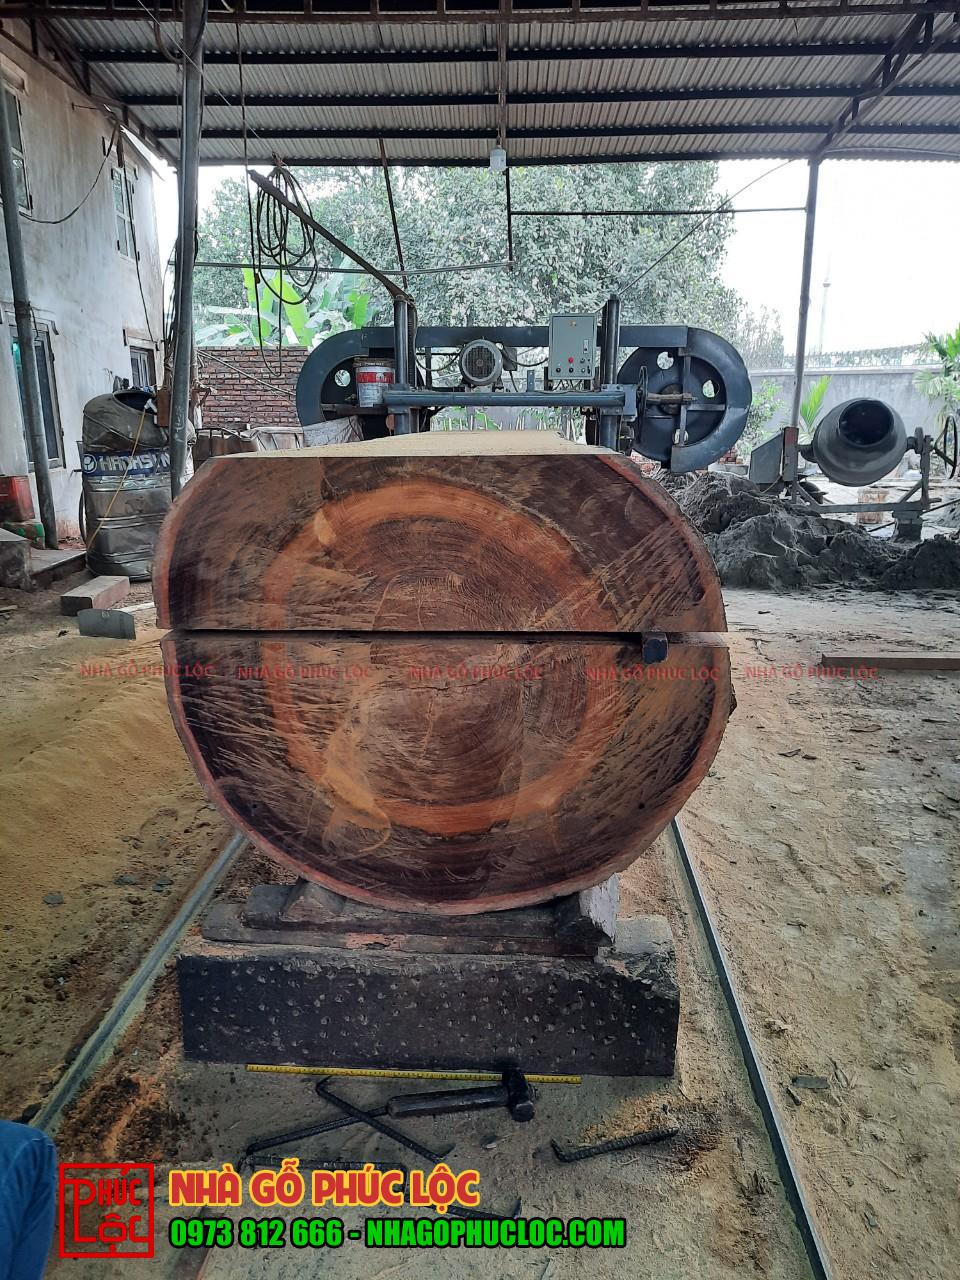 Hình ảnh cây gỗ lim được xẻ làm đôi